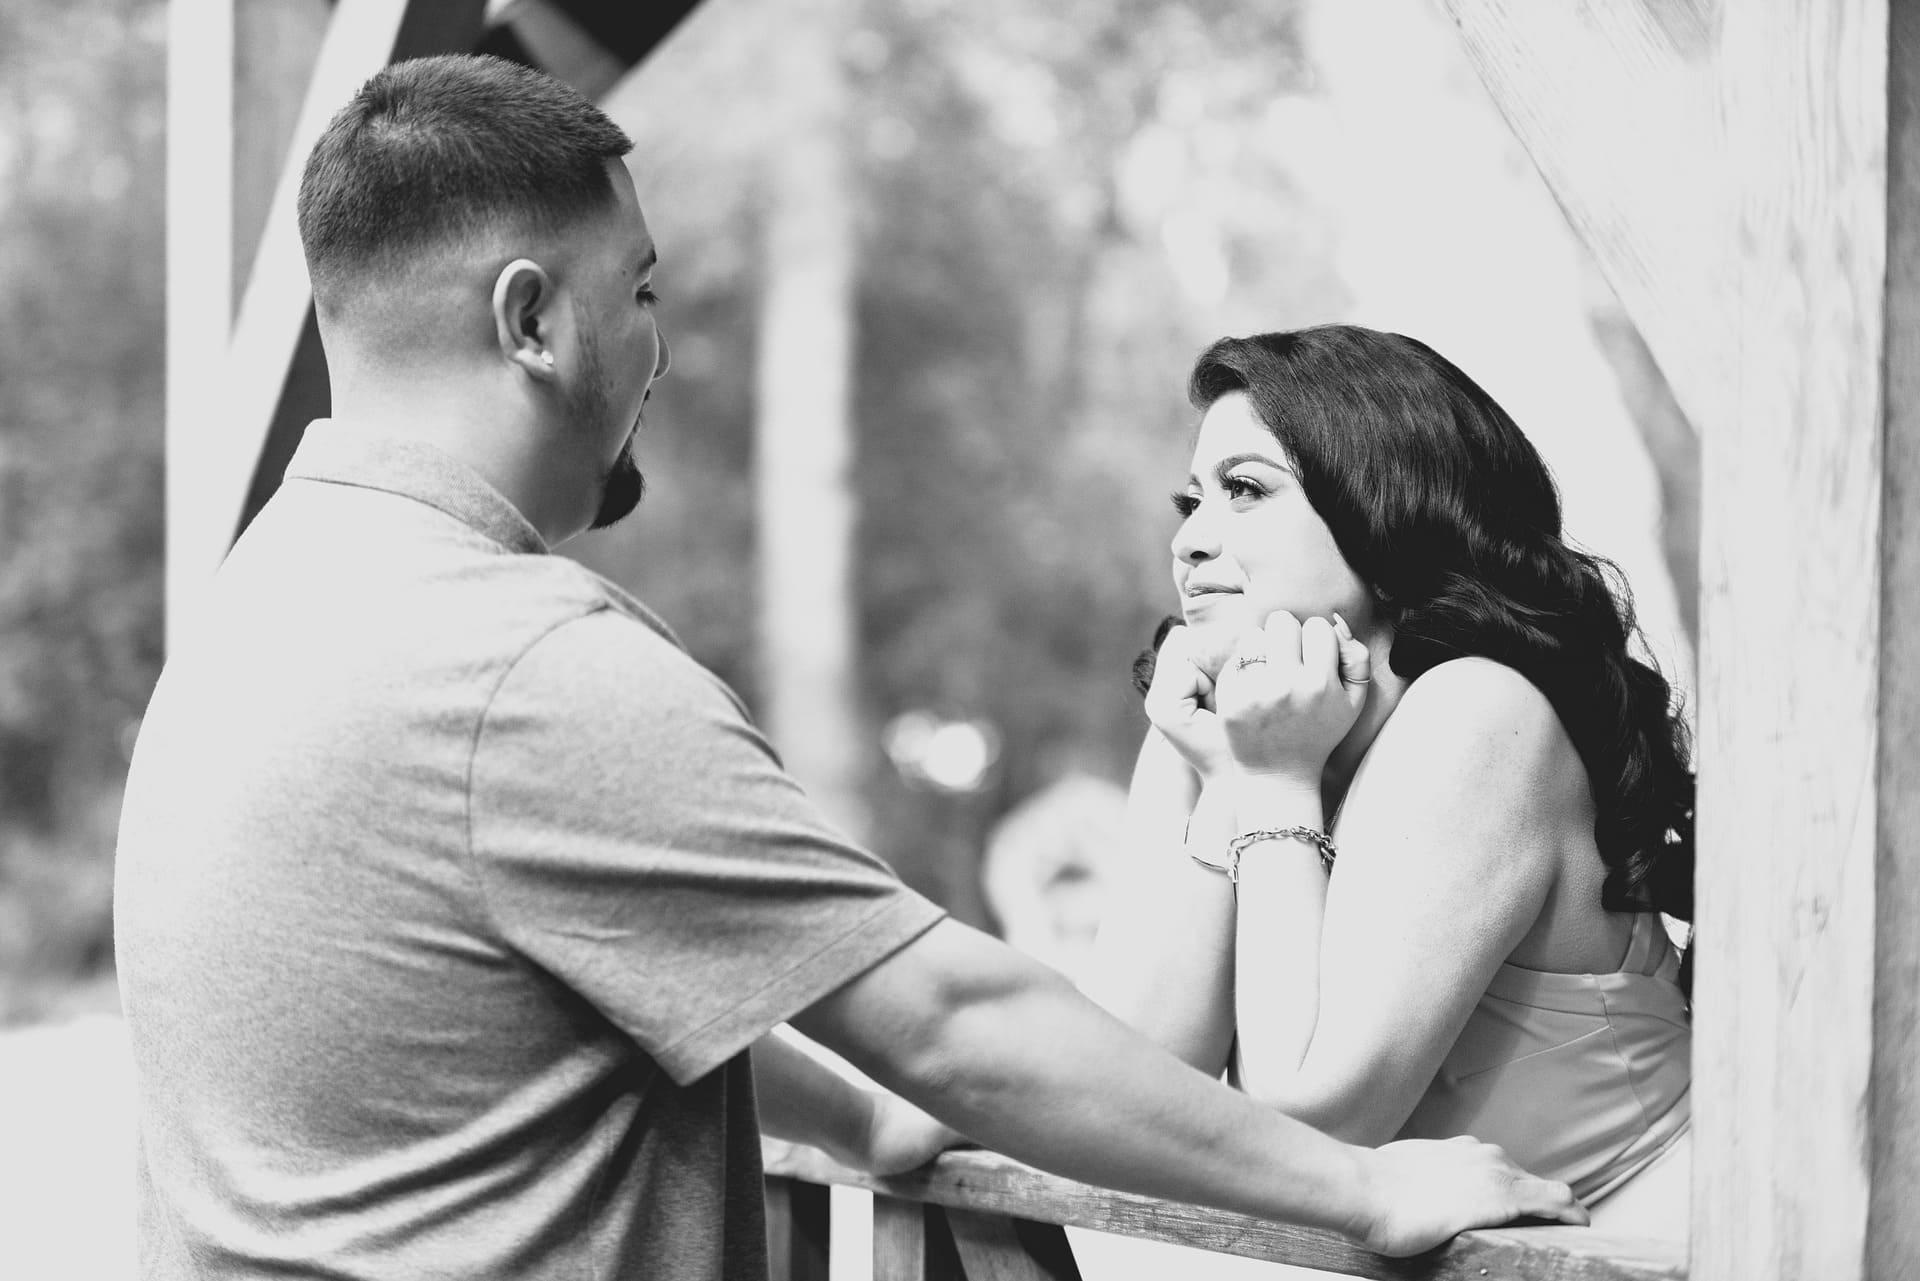 Во всем мире не найдется идеальной пары, в которой партнеры полностью соглашались бы друг с другом